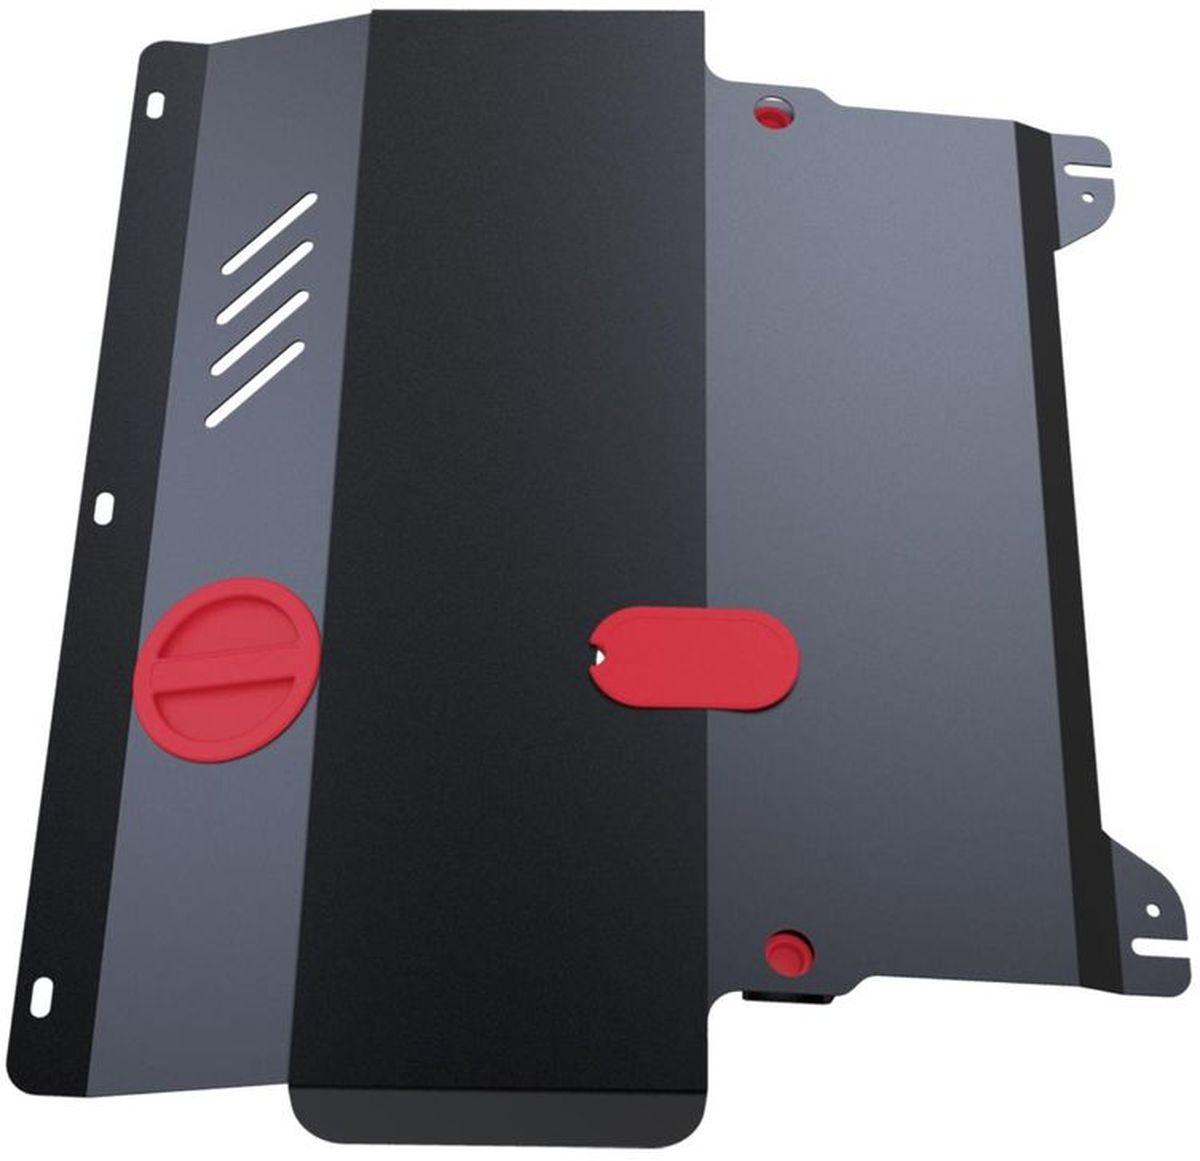 Защита картера Автоброня, для Nissan Rnessa, V - 2,0 (1997-2000)21395599Технологически совершенный продукт за невысокую стоимость.Защита разработана с учетом особенностей днища автомобиля, что позволяет сохранить дорожный просвет с минимальным изменением.Защита устанавливается в штатные места кузова автомобиля. Глубокий штамп обеспечивает до двух раз больше жесткости в сравнении с обычной защитой той же толщины. Проштампованные ребра жесткости препятствуют деформации защиты при ударах.Тепловой зазор и вентиляционные отверстия обеспечивают сохранение температурного режима двигателя в норме. Скрытый крепеж предотвращает срыв крепежных элементов при наезде на препятствие.Шумопоглощающие резиновые элементы обеспечивают комфортную езду без вибраций и скрежета металла, а съемные лючки для слива масла и замены фильтра - экономию средств и время.Конструкция изделия не влияет на пассивную безопасность автомобиля (при ударе защита не воздействует на деформационные зоны кузова). Со штатным крепежом. В комплекте инструкция по установке.Толщина стали: 2 мм.Уважаемые клиенты!Обращаем ваше внимание, что элемент защиты имеет форму, соответствующую модели данного автомобиля. Фото служит для визуального восприятия товара и может отличаться от фактического.